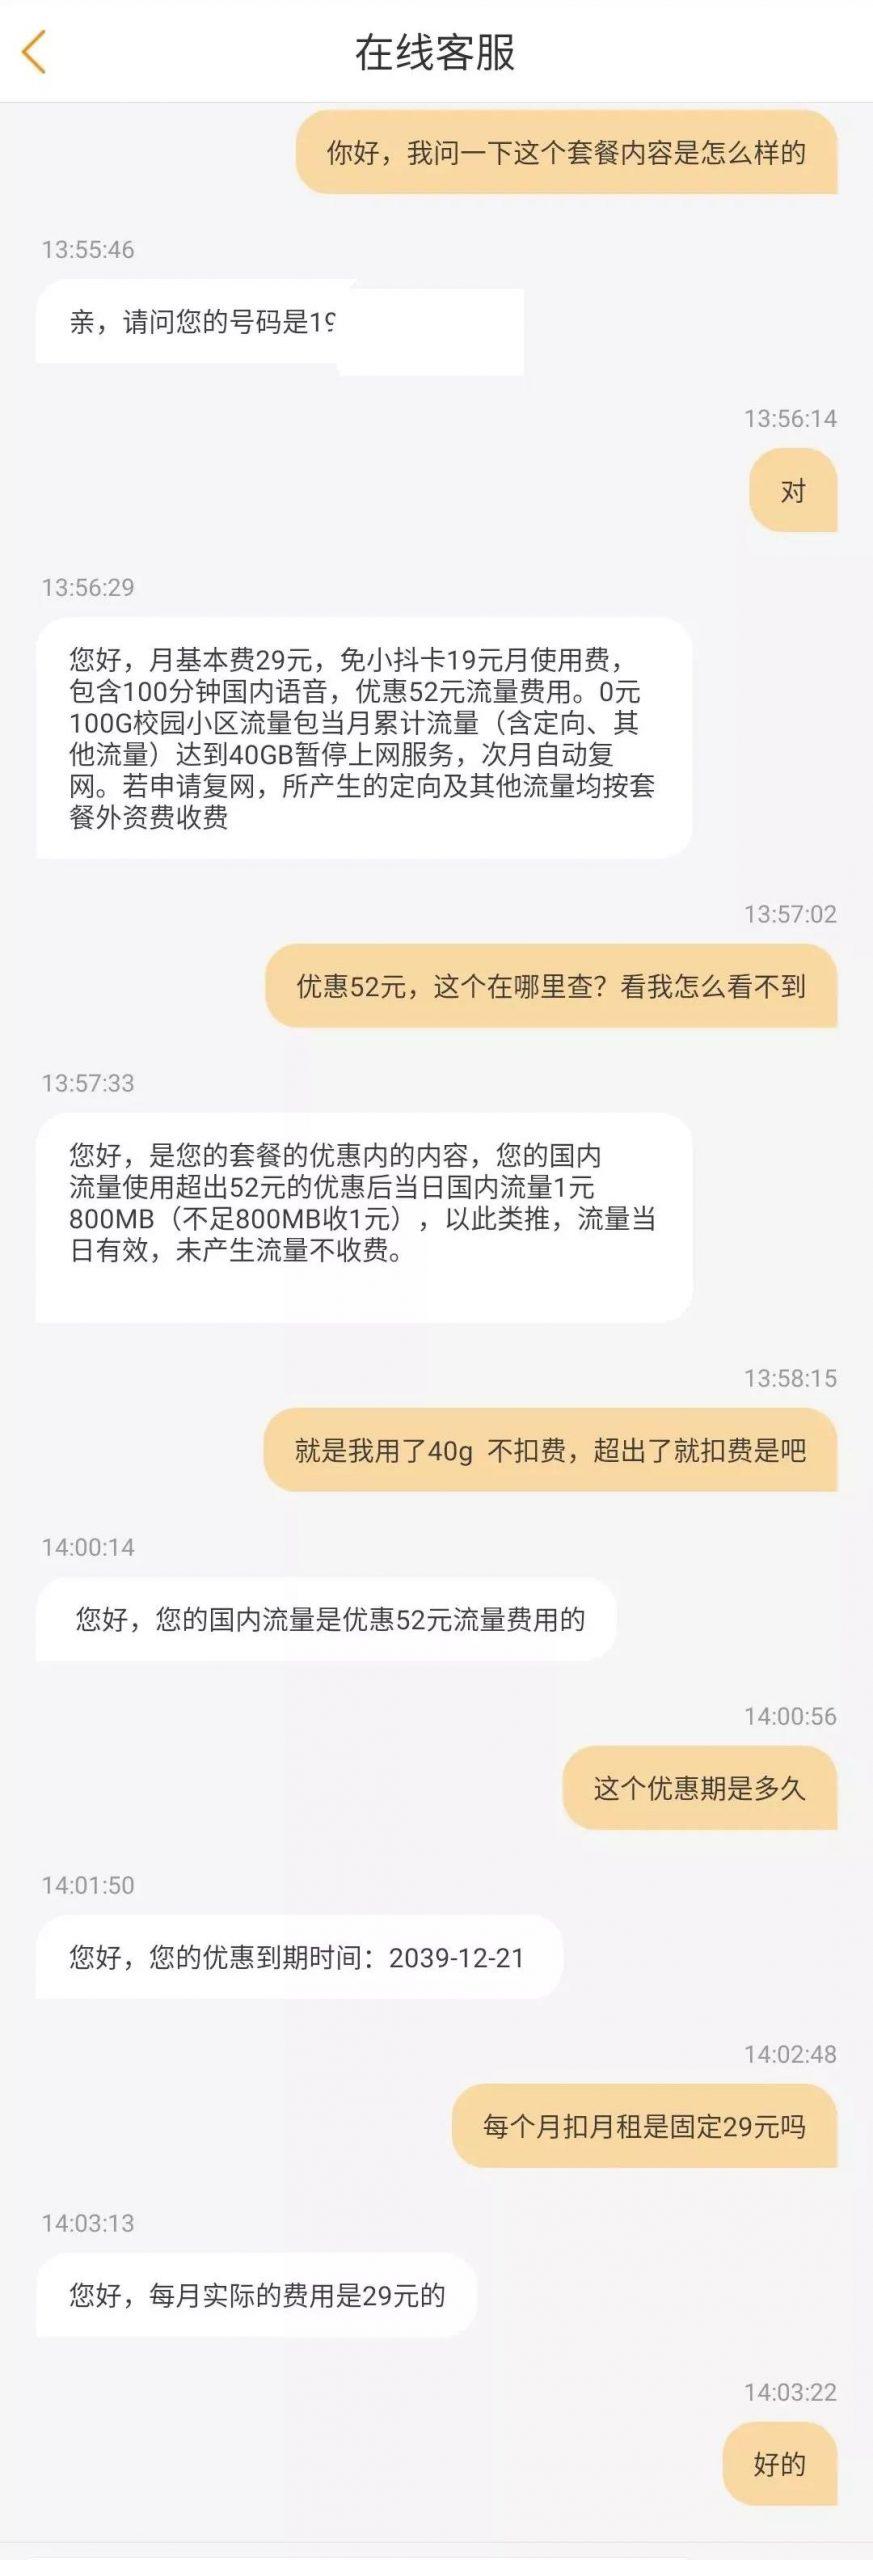 【中国电信】小抖卡套餐,月租29元通用41GB+定向100G+100分钟